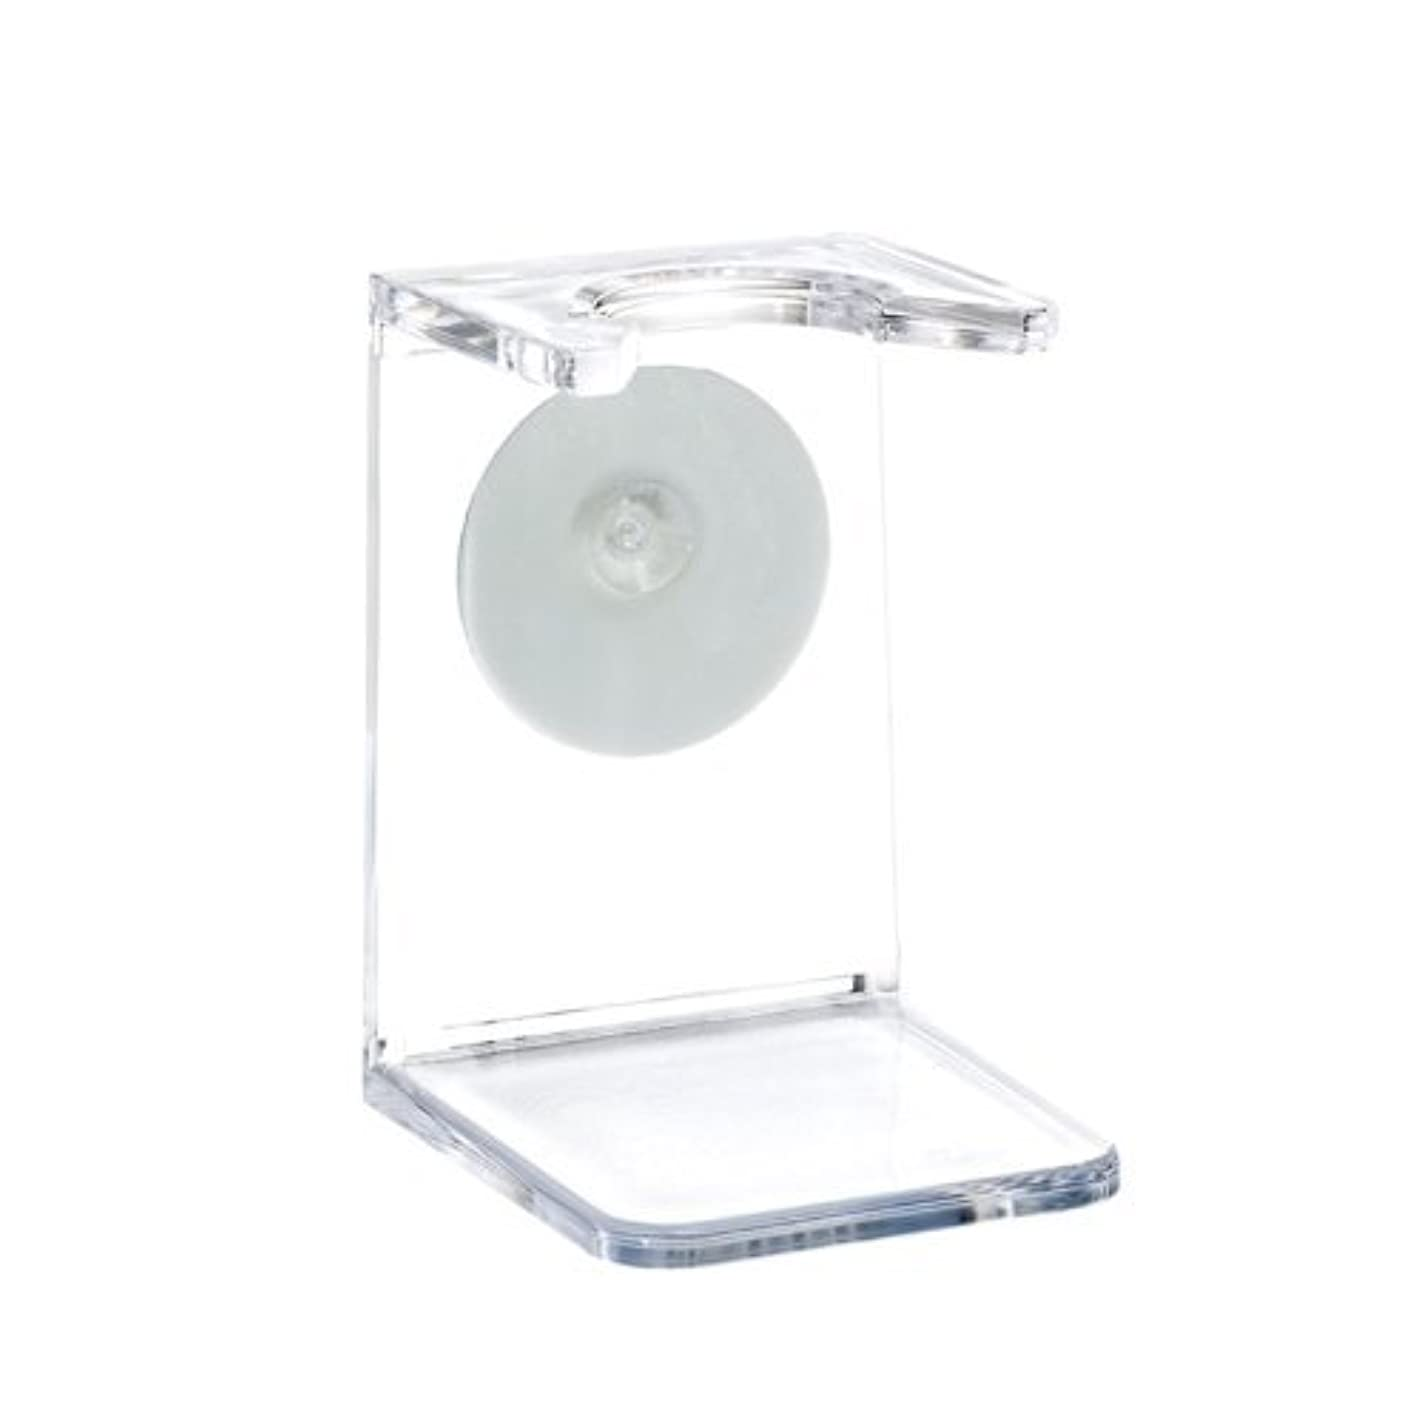 くるみ空気添付ミューレ シェービングブラシスタンド/プラスチック  (RH5)